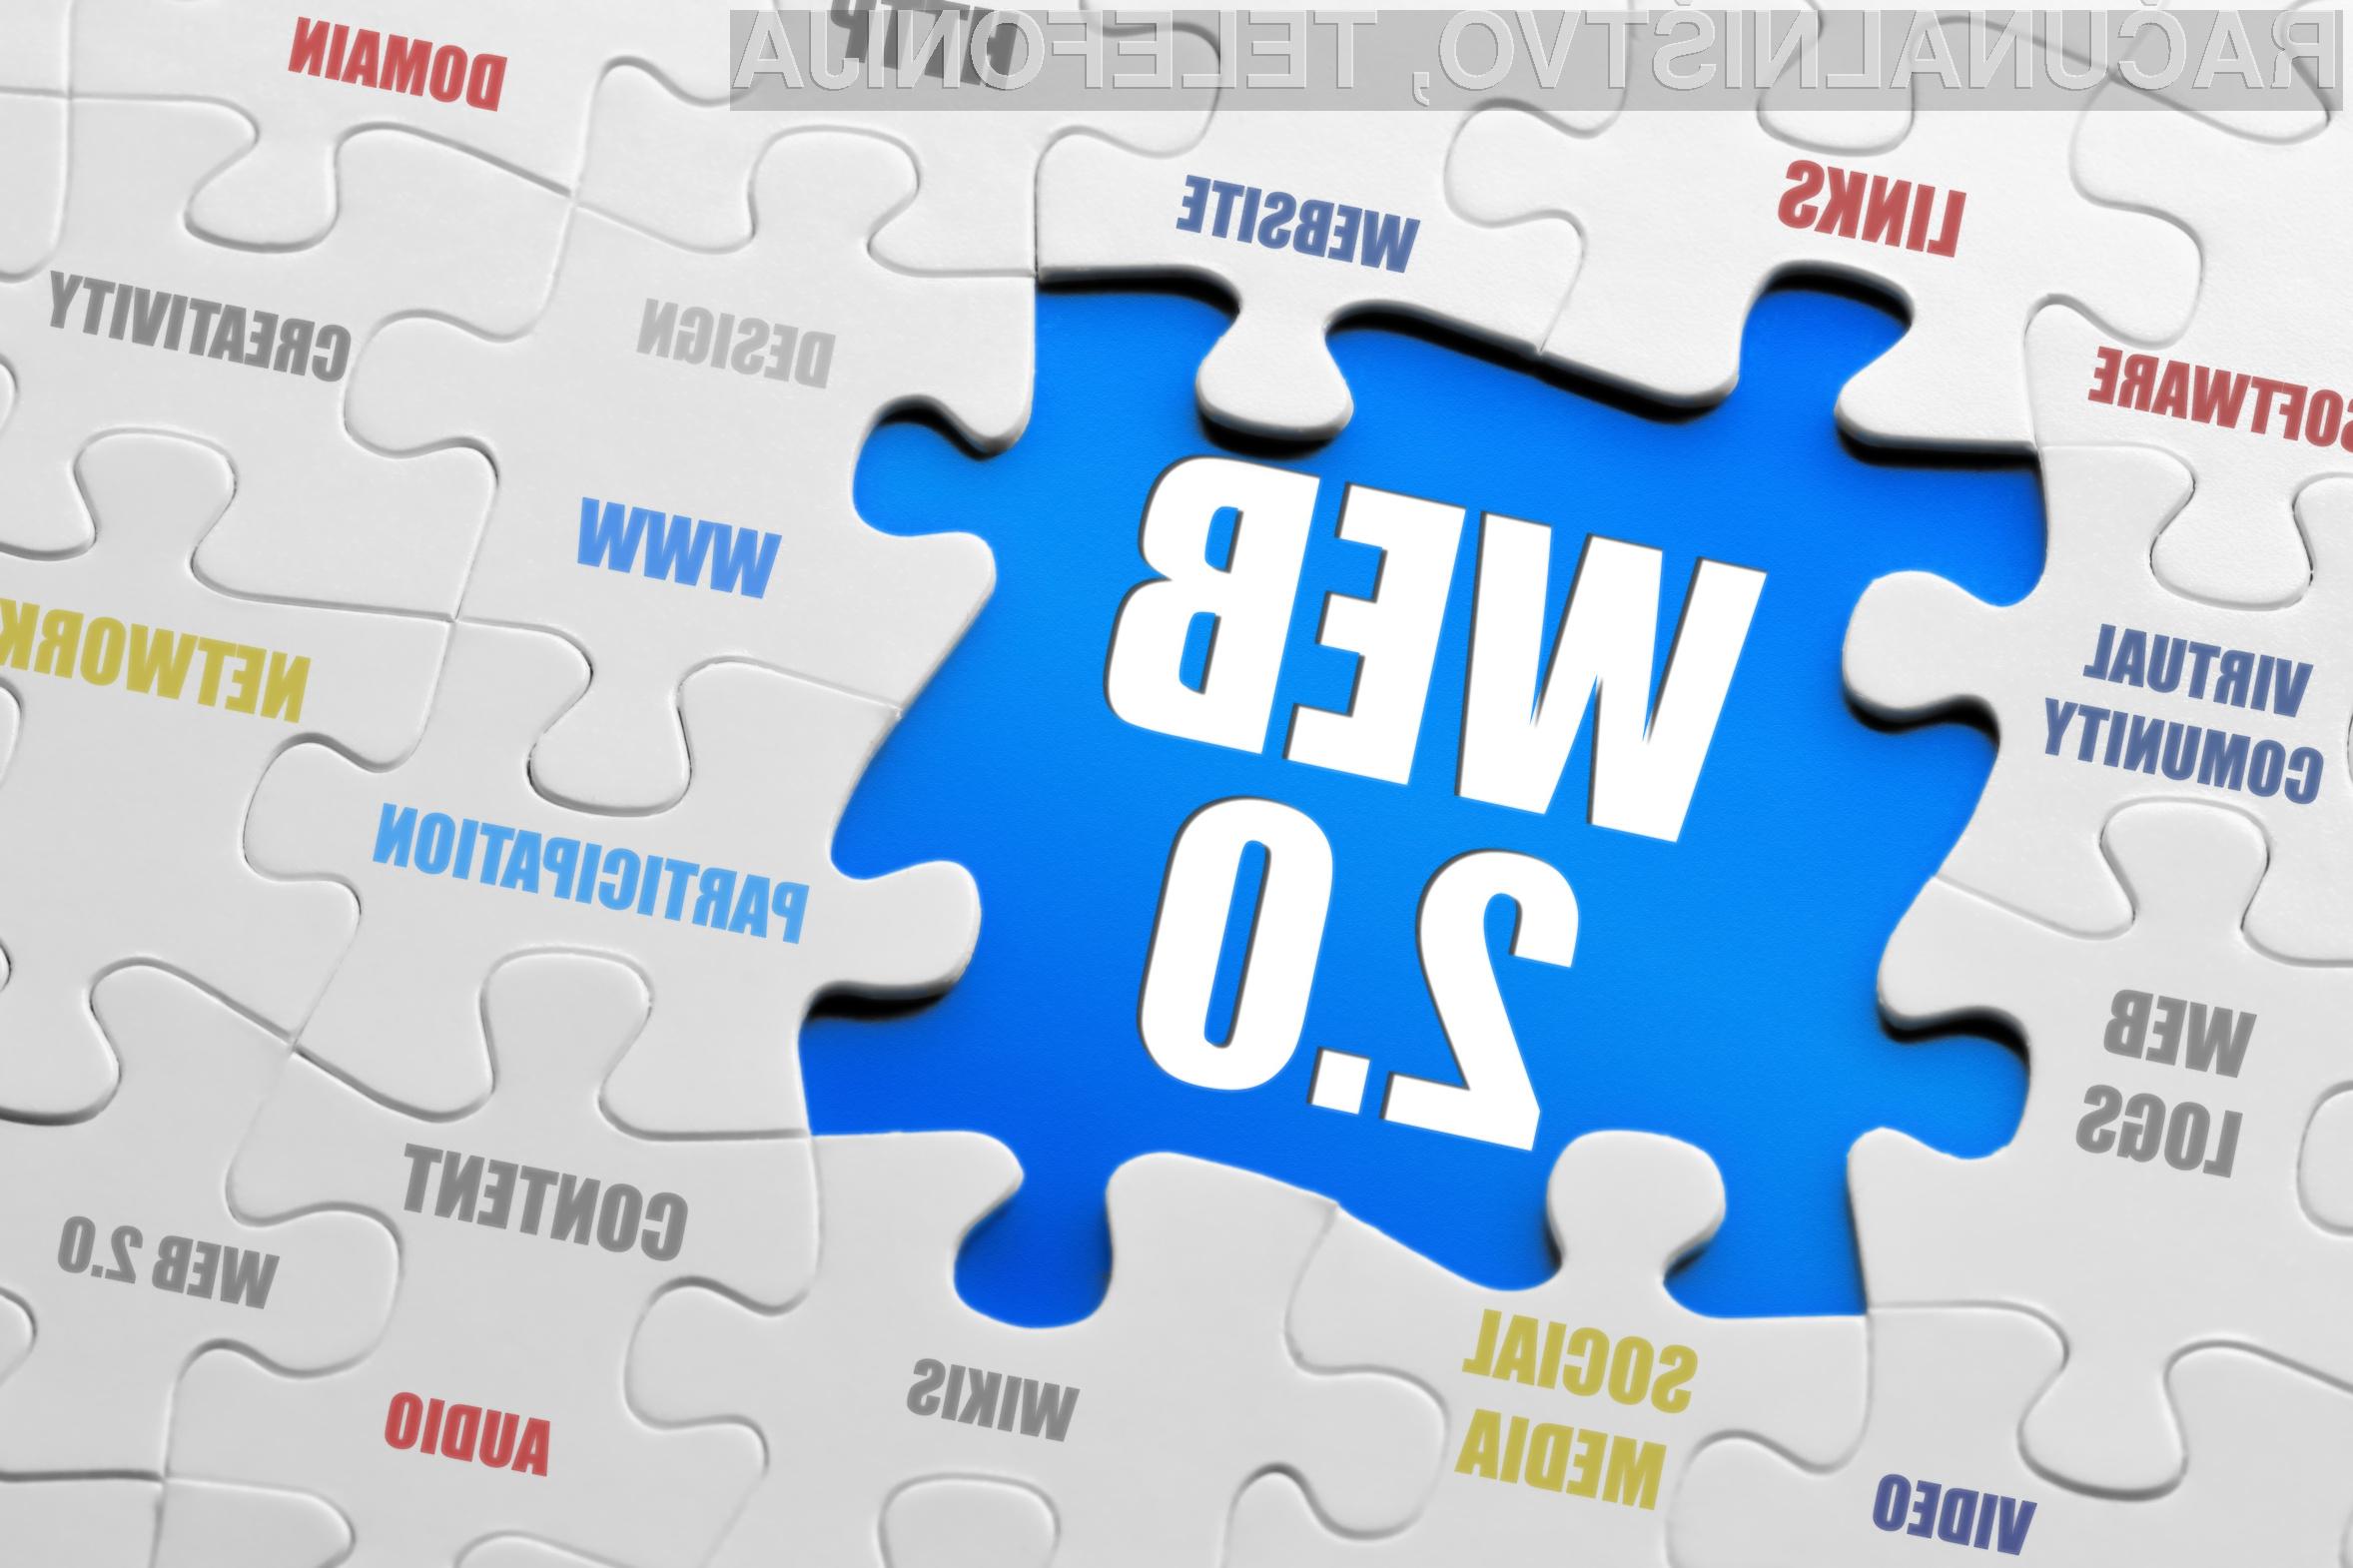 17 koristnih Web 2.0 aplikacij za učence in študente